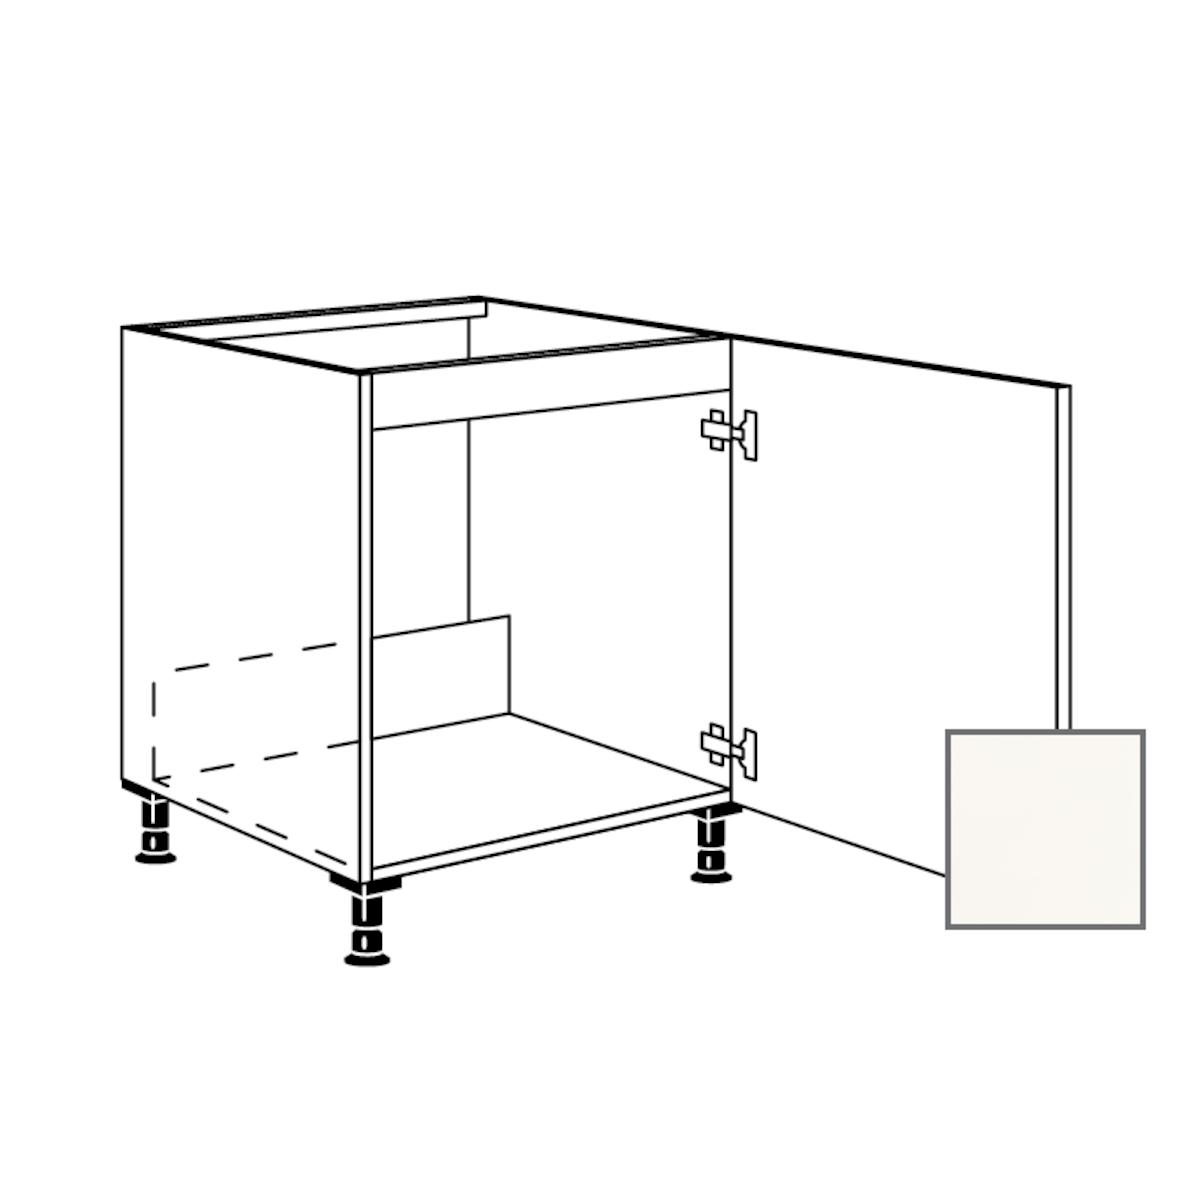 Kuchyňská skříňka spodní Naturel Erika24 dřezová 60x87x56 cm bílá lesk 450.SPUD60.R